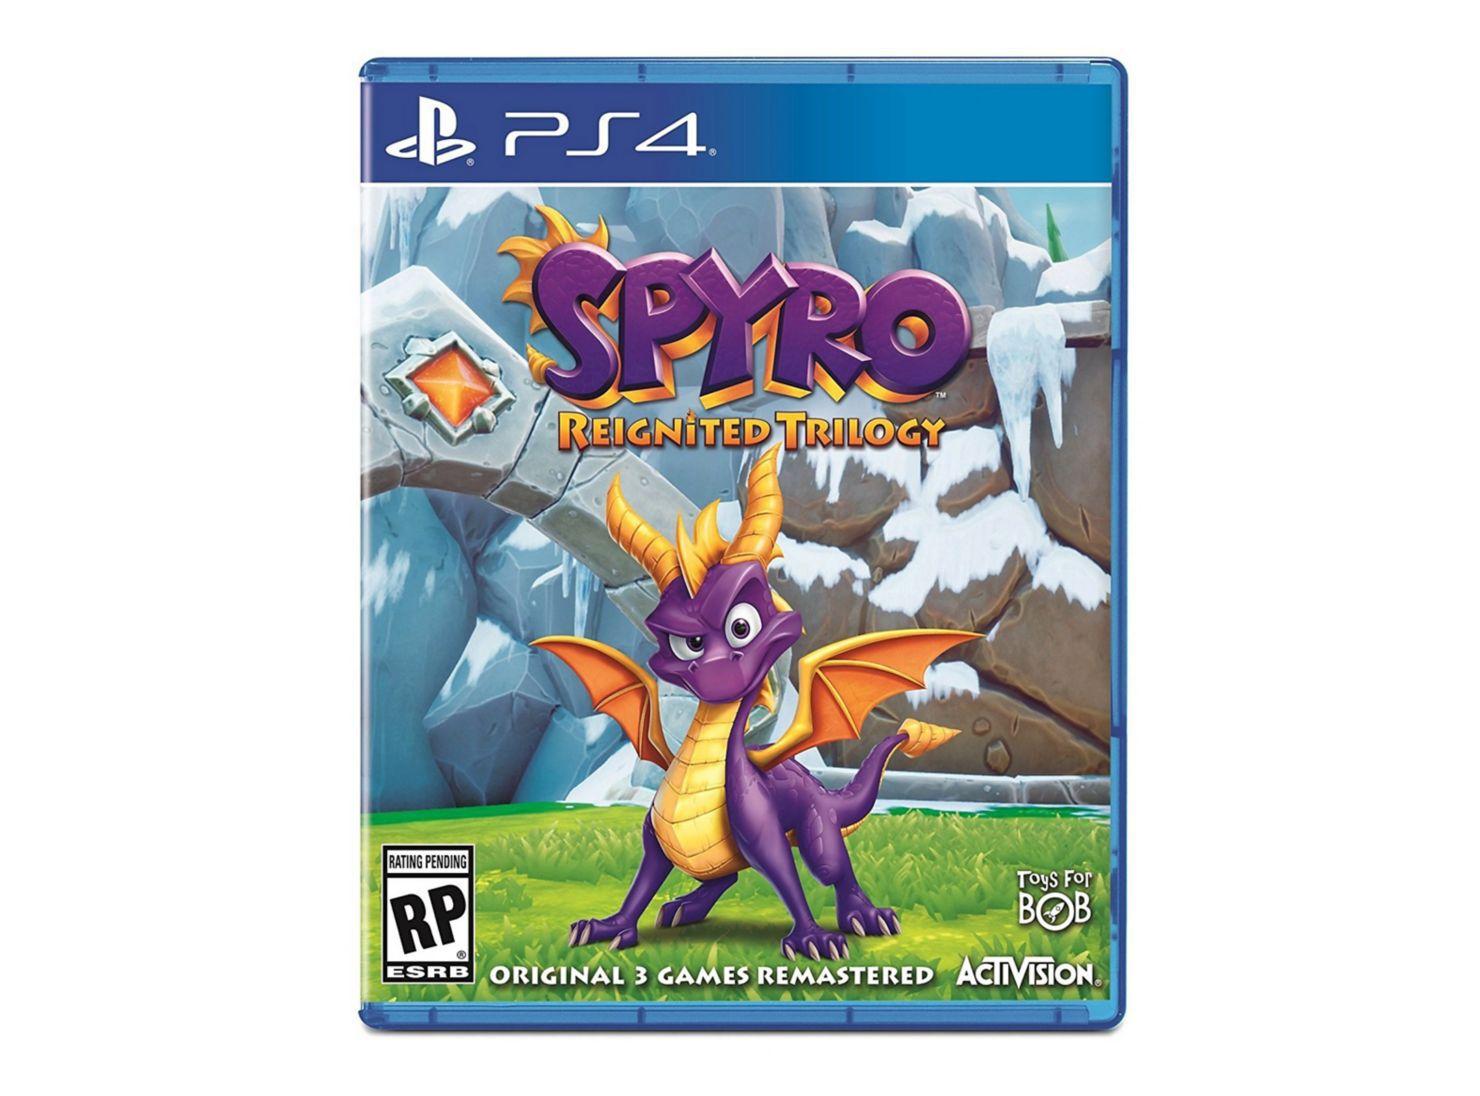 Juego Ps4 Spyro Reignited Trilogy Juegos Ps4 Y Vr Paris